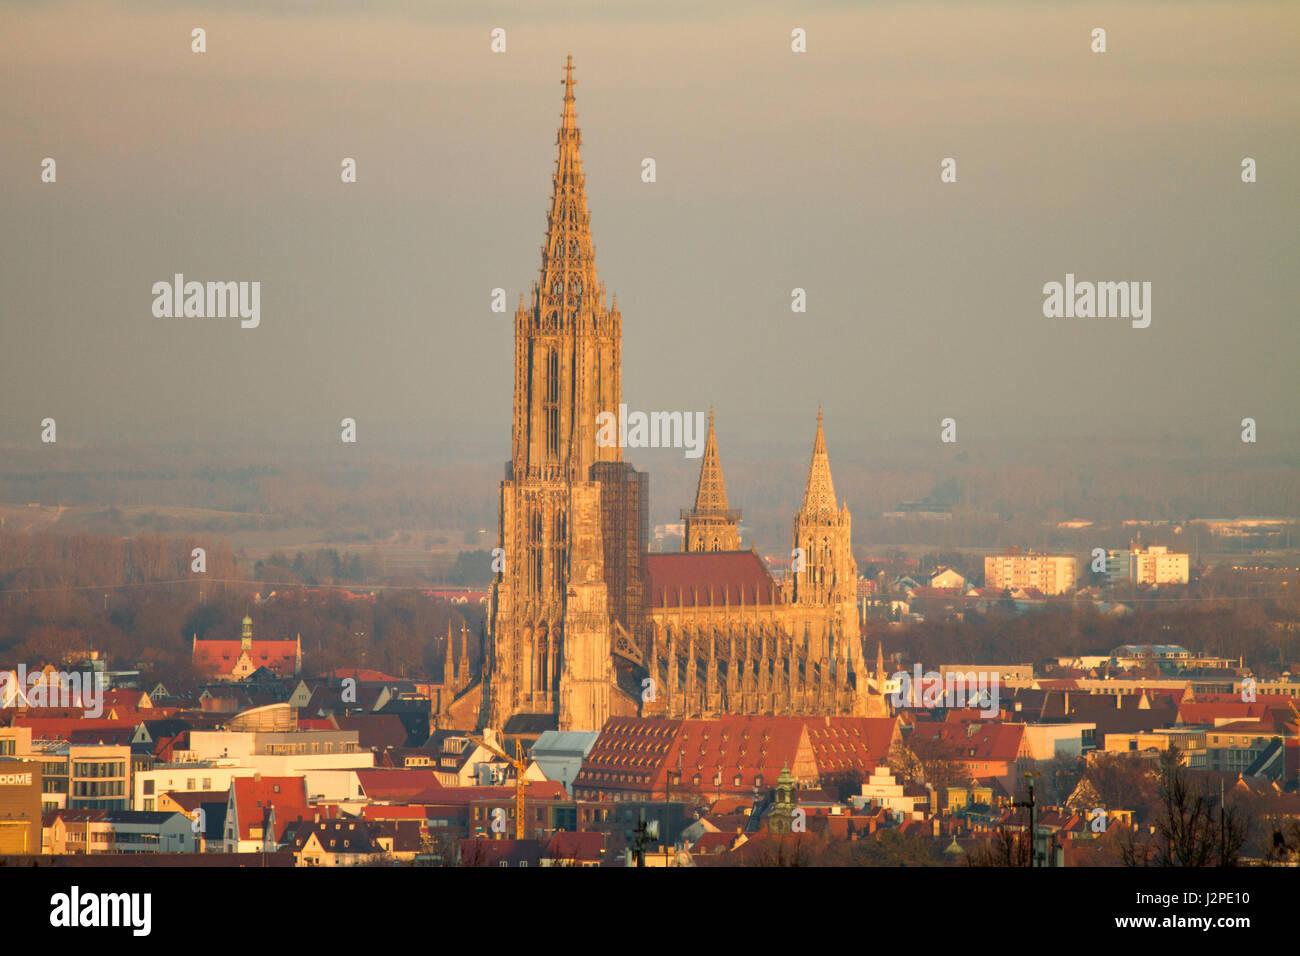 Ulm en el río Danubio, Baden-Württemberg, Alemania Foto de stock